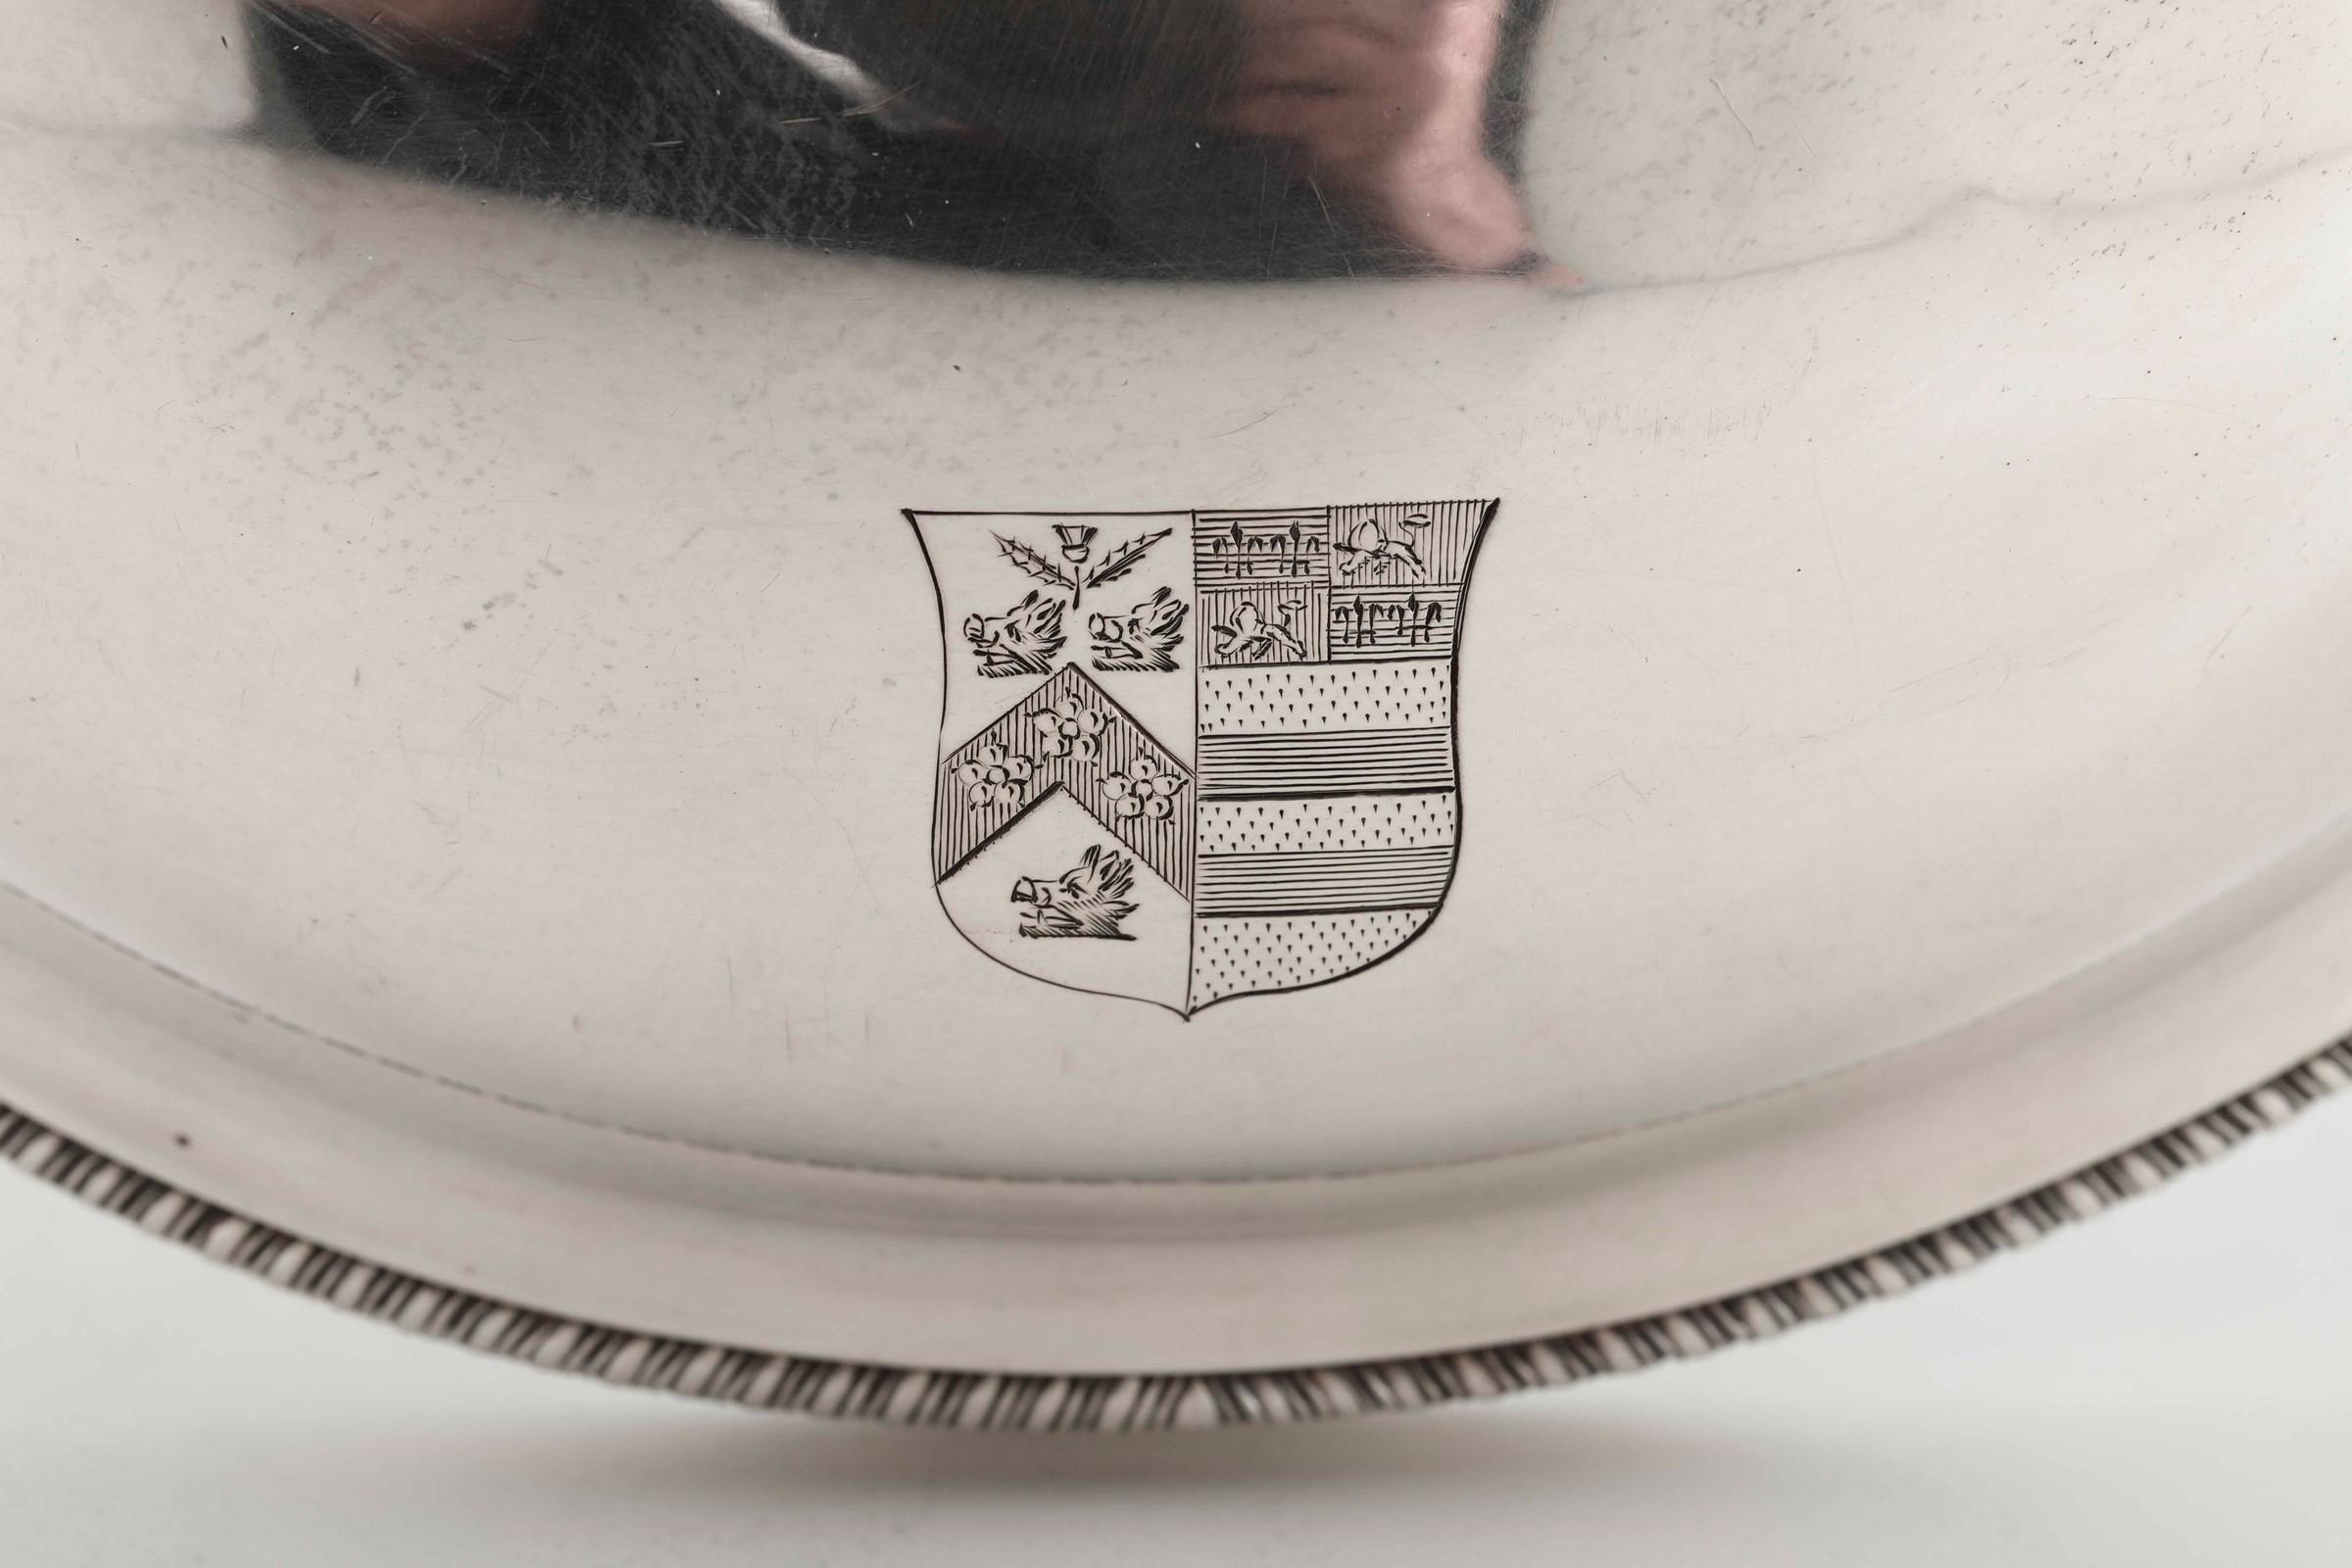 Legumiera tonda in argento fuso, sbalzato e cesellato. Inghilterra XVIII-XIX secolo, [...] - Image 2 of 5